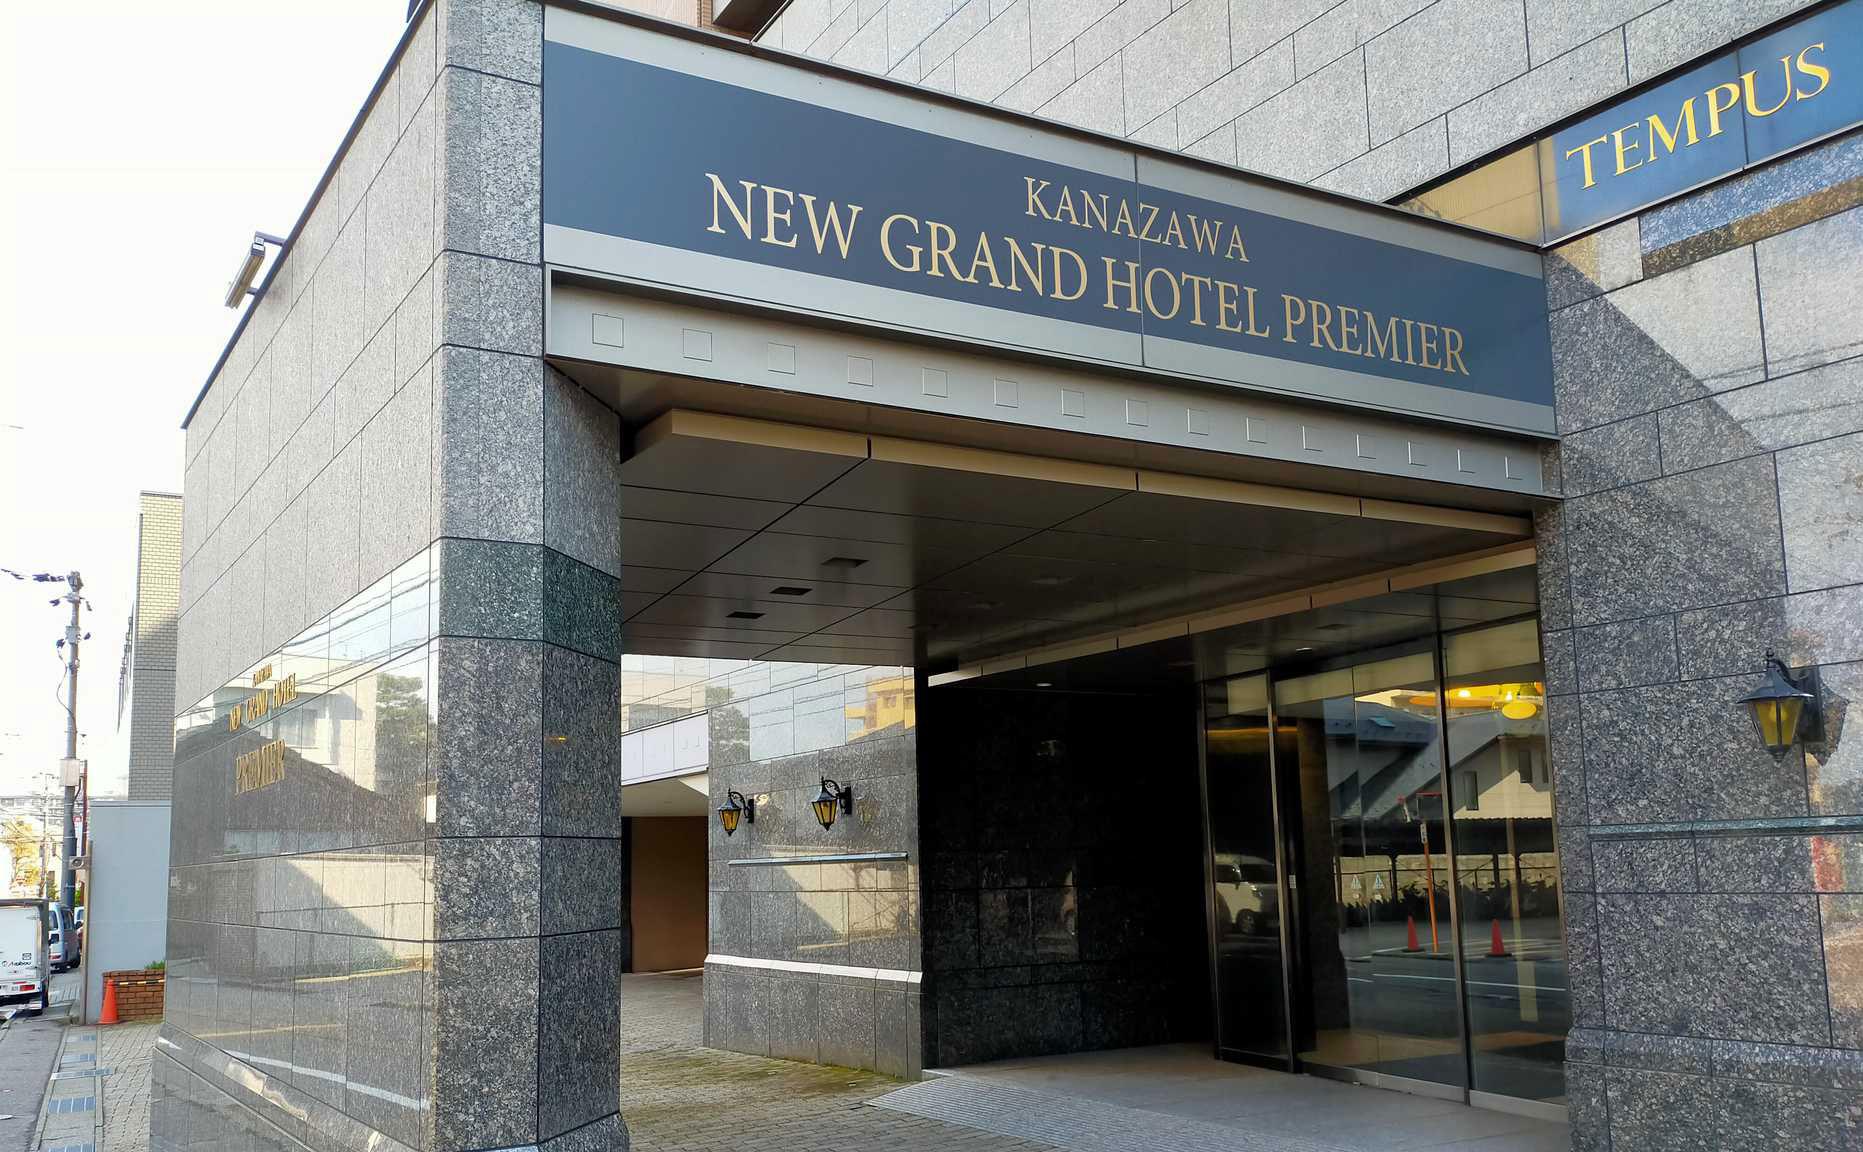 金沢ニューグランドホテルプレミアの外観